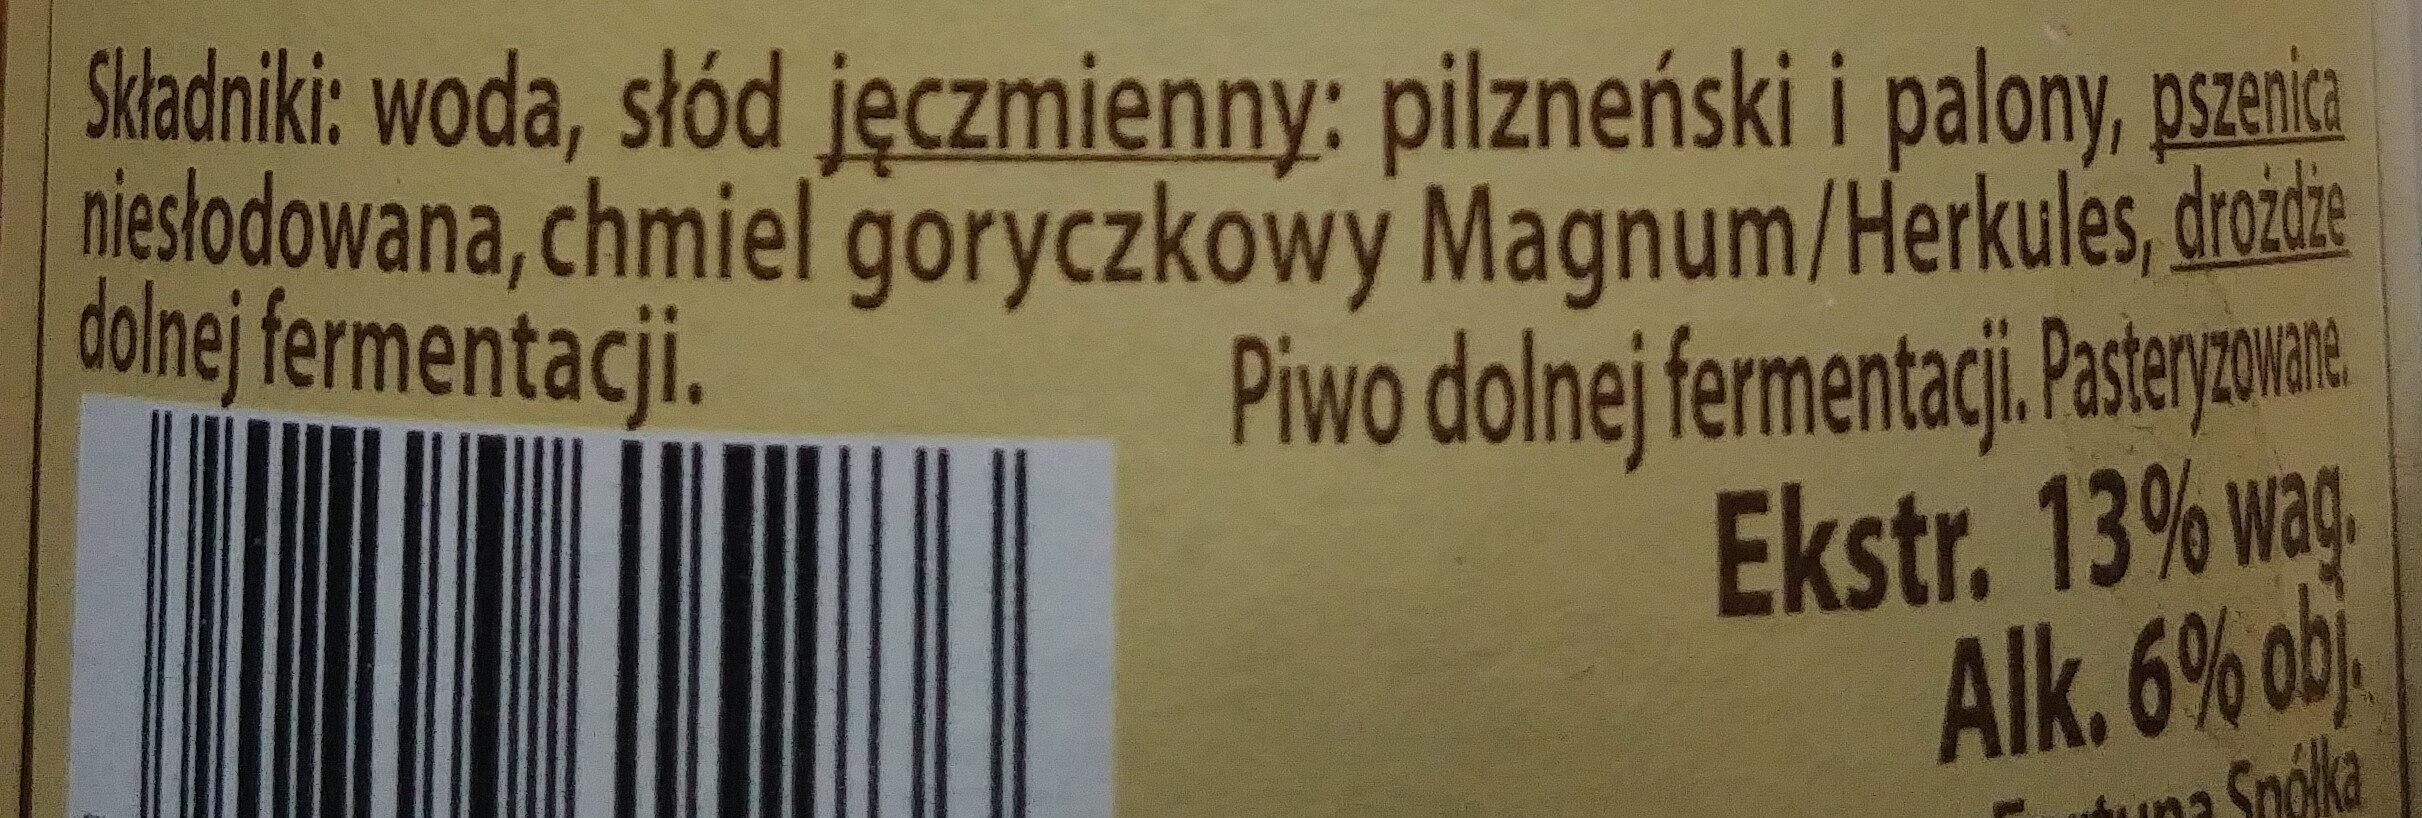 Marcowe - Ingredients - pl